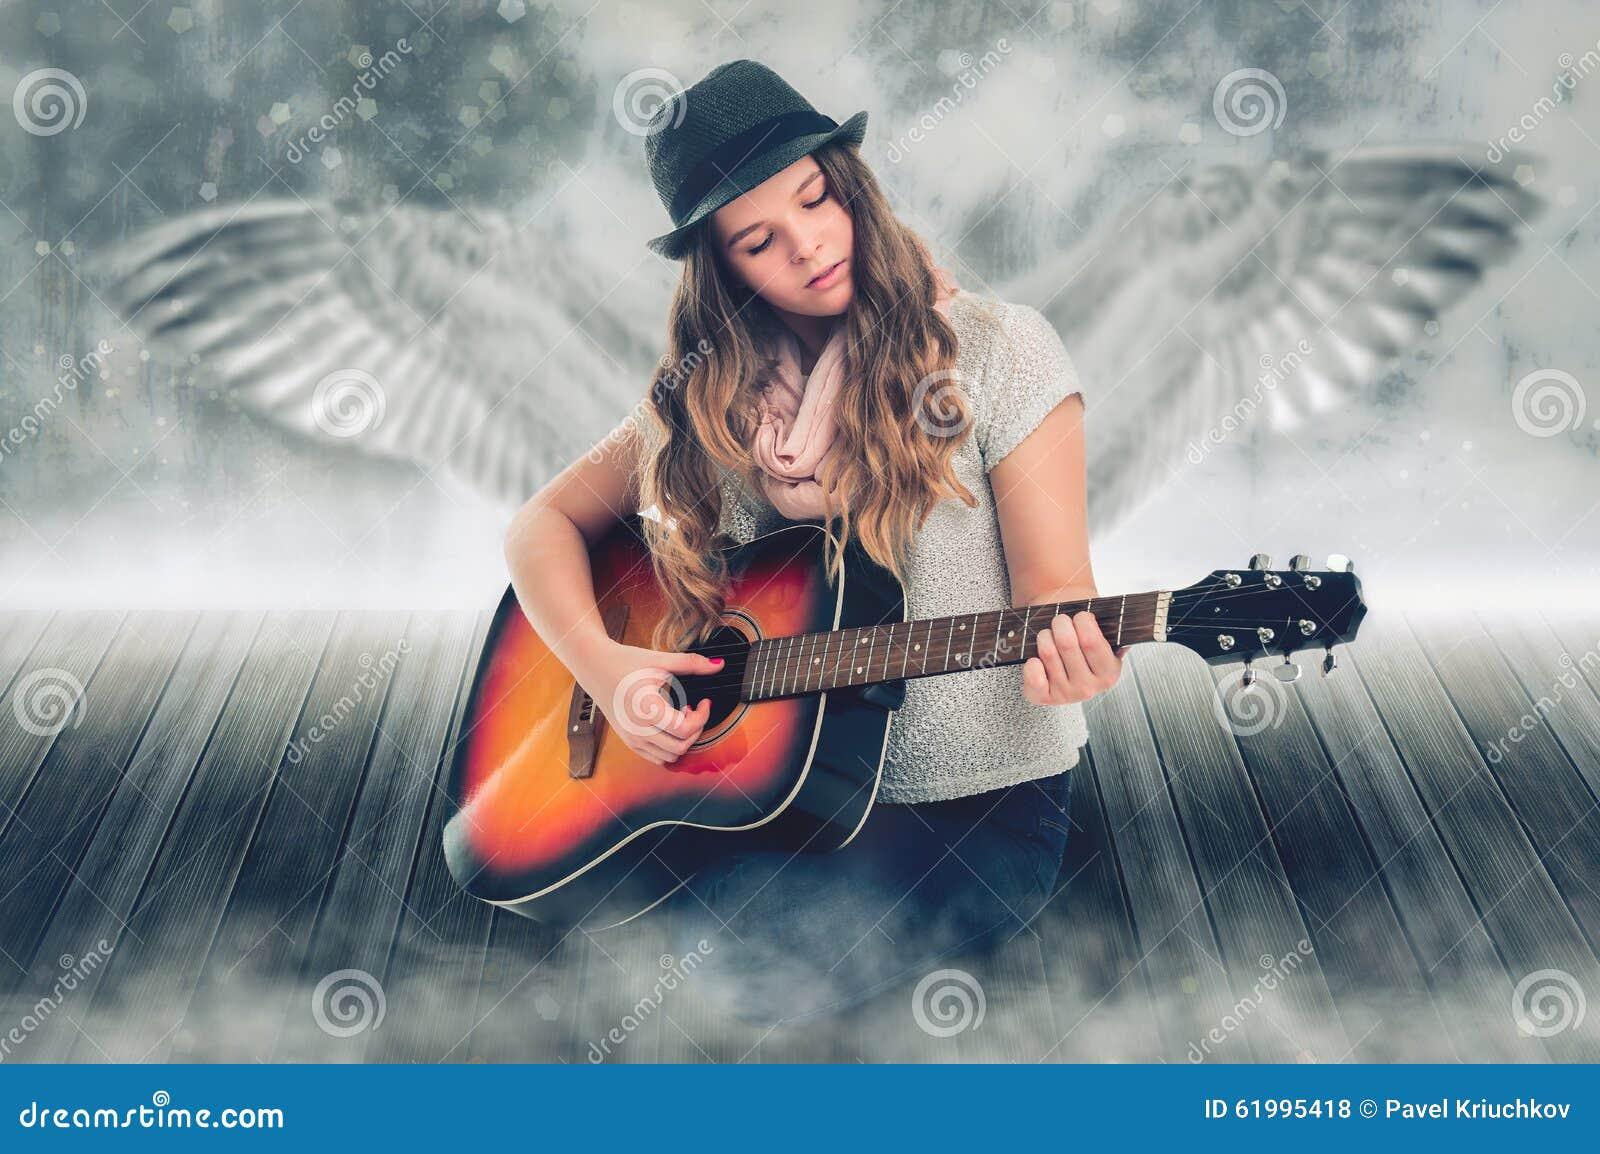 Who sings eyes of an angel-3994